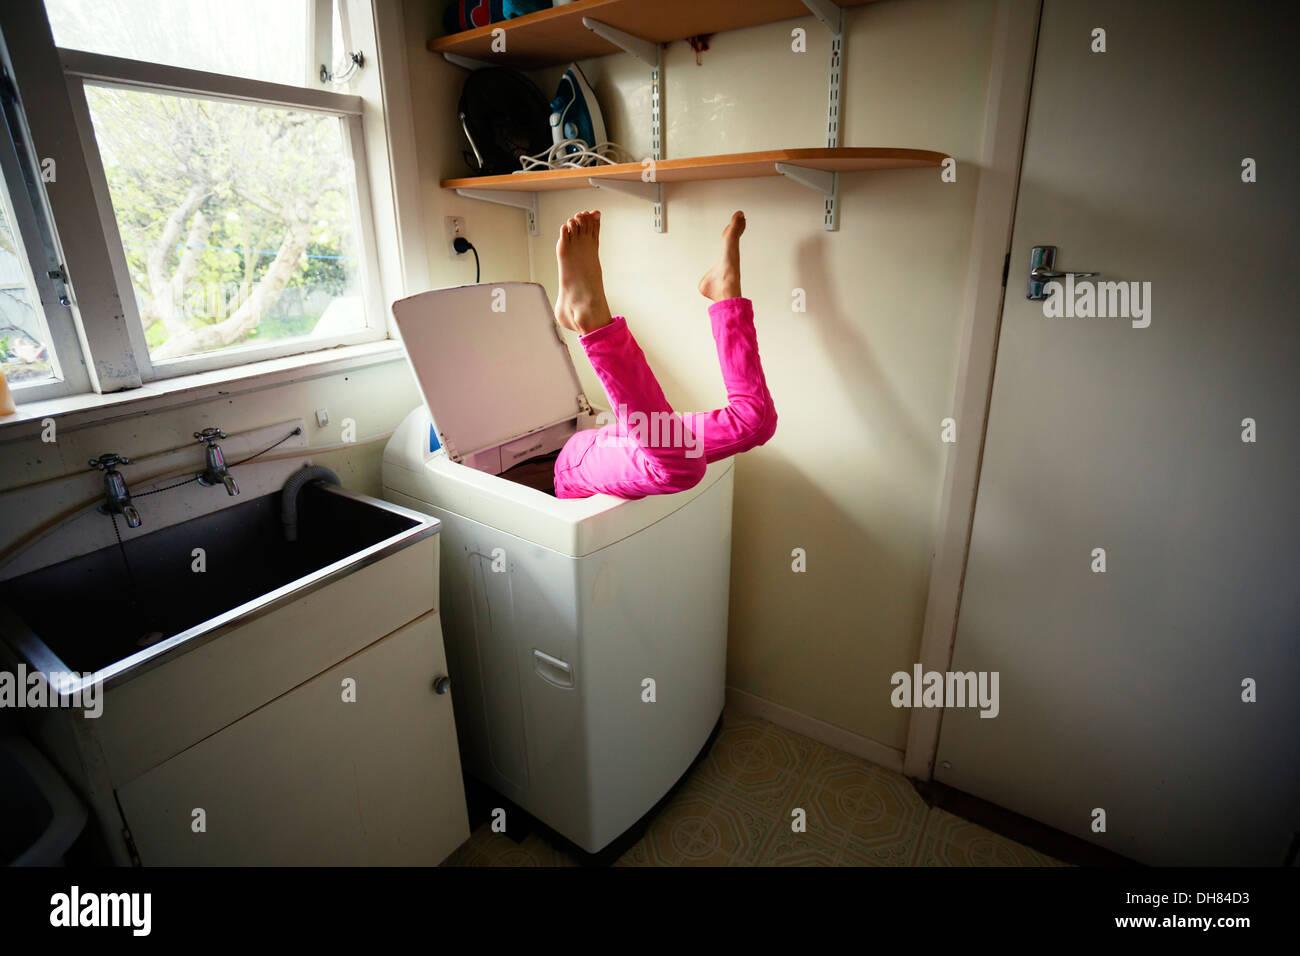 Wäsche-Raum-Unfall Stockbild